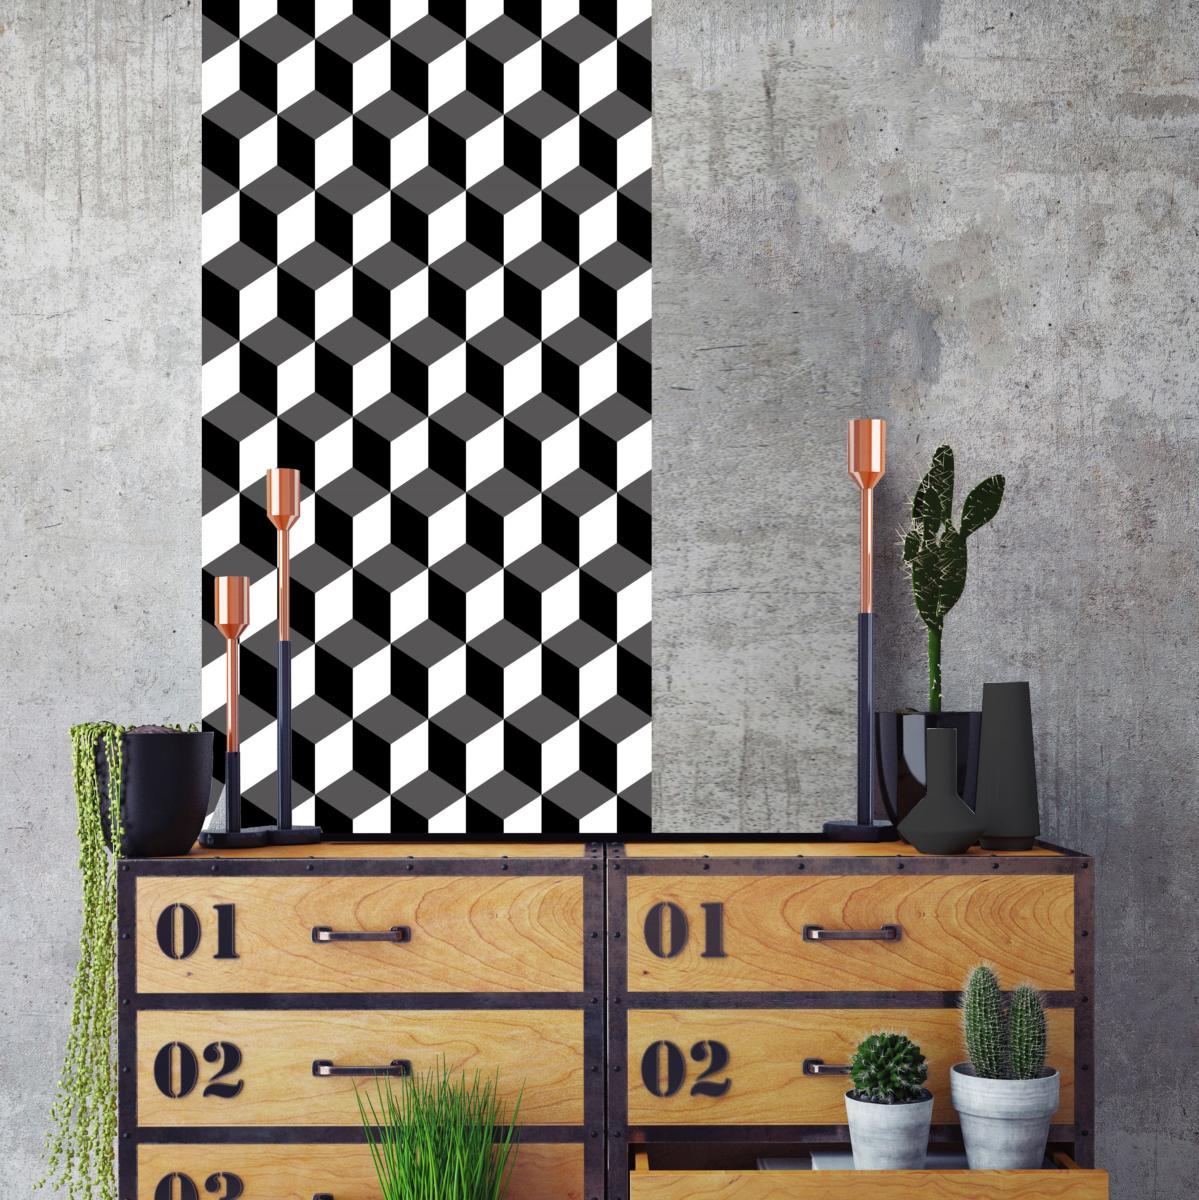 Tapisserie Carreaux De Ciment papier peint carreaux de ciment - eugénie